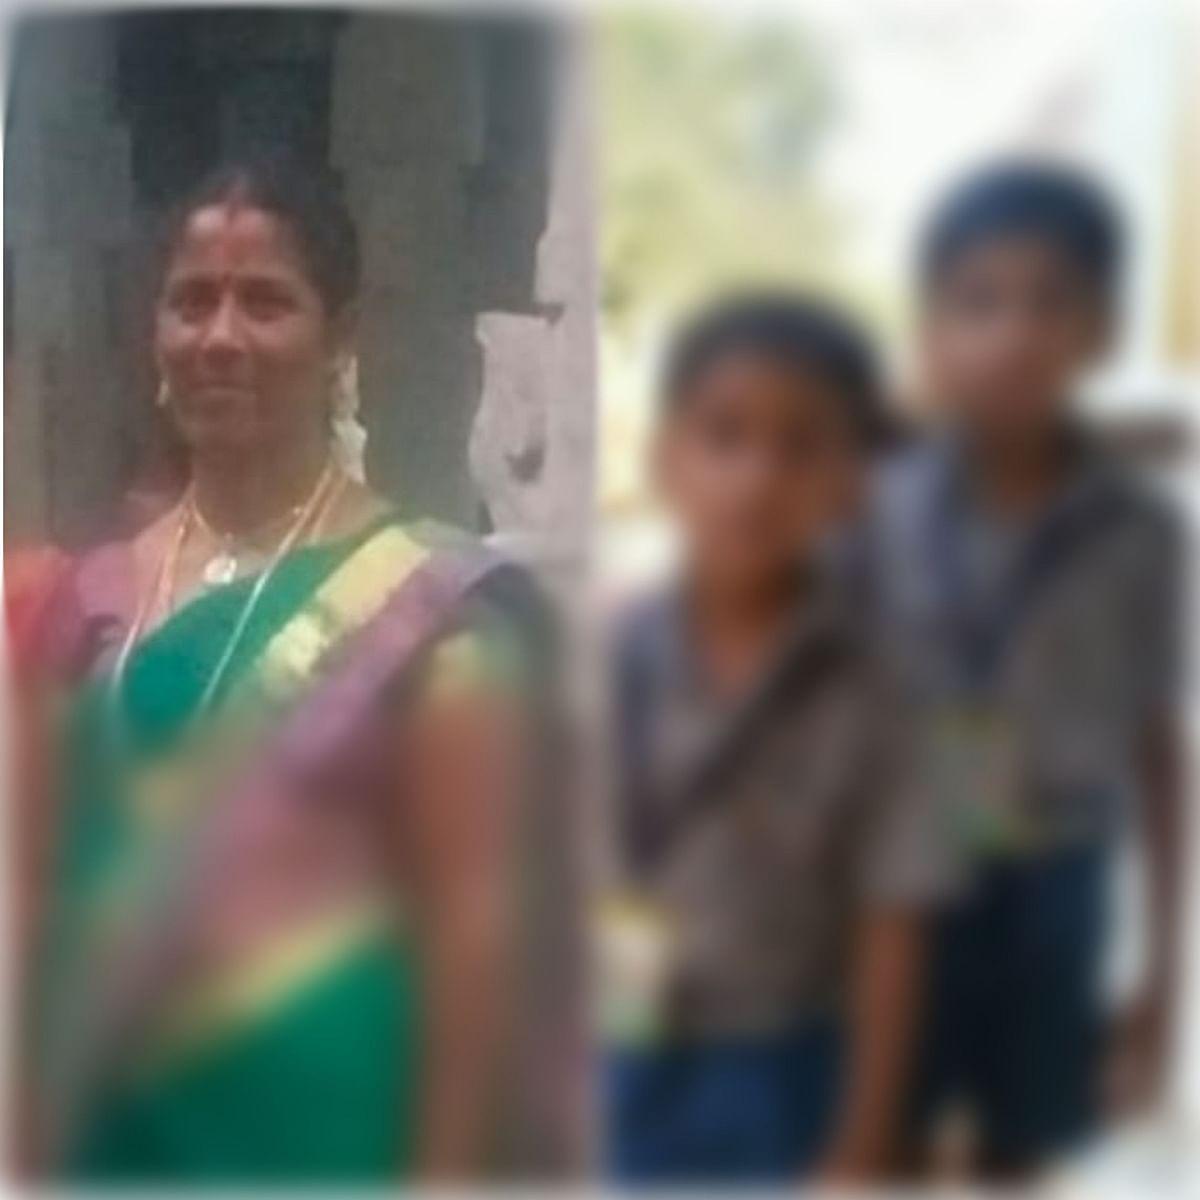 ராதா, அபிருத், அபிஷேக்